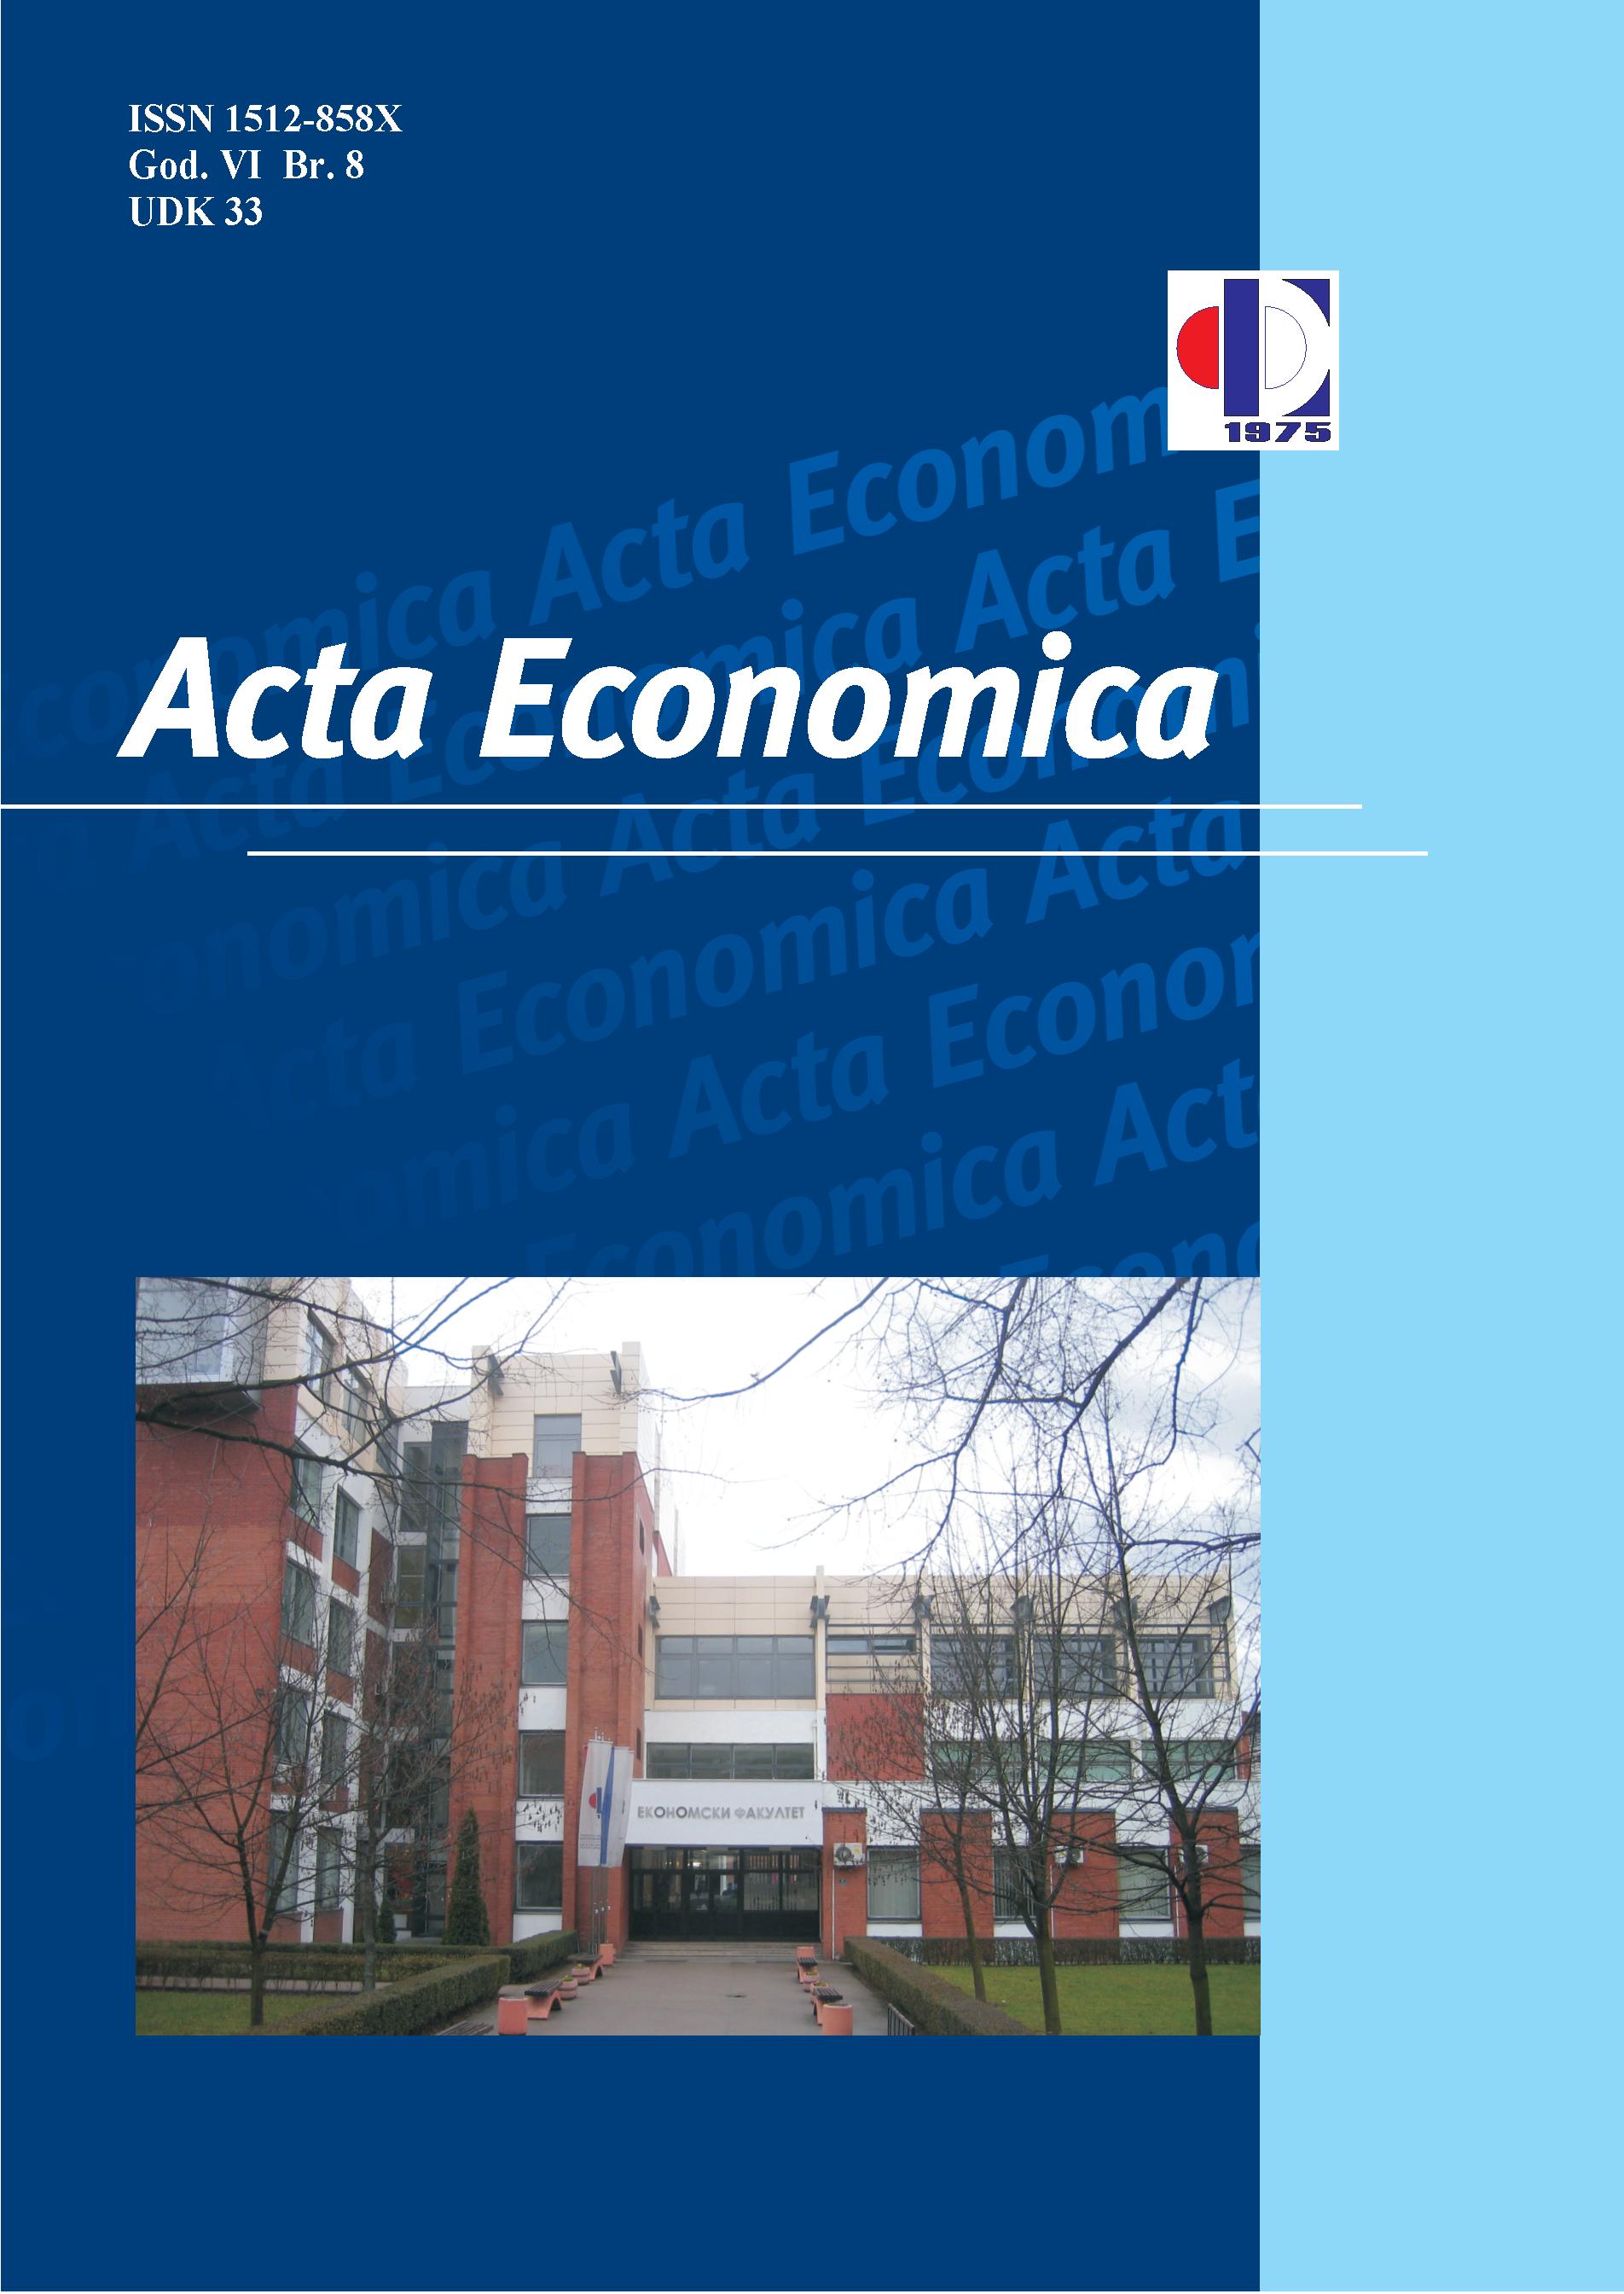 View Vol. 8 No. 13 (2010): Acta Economica